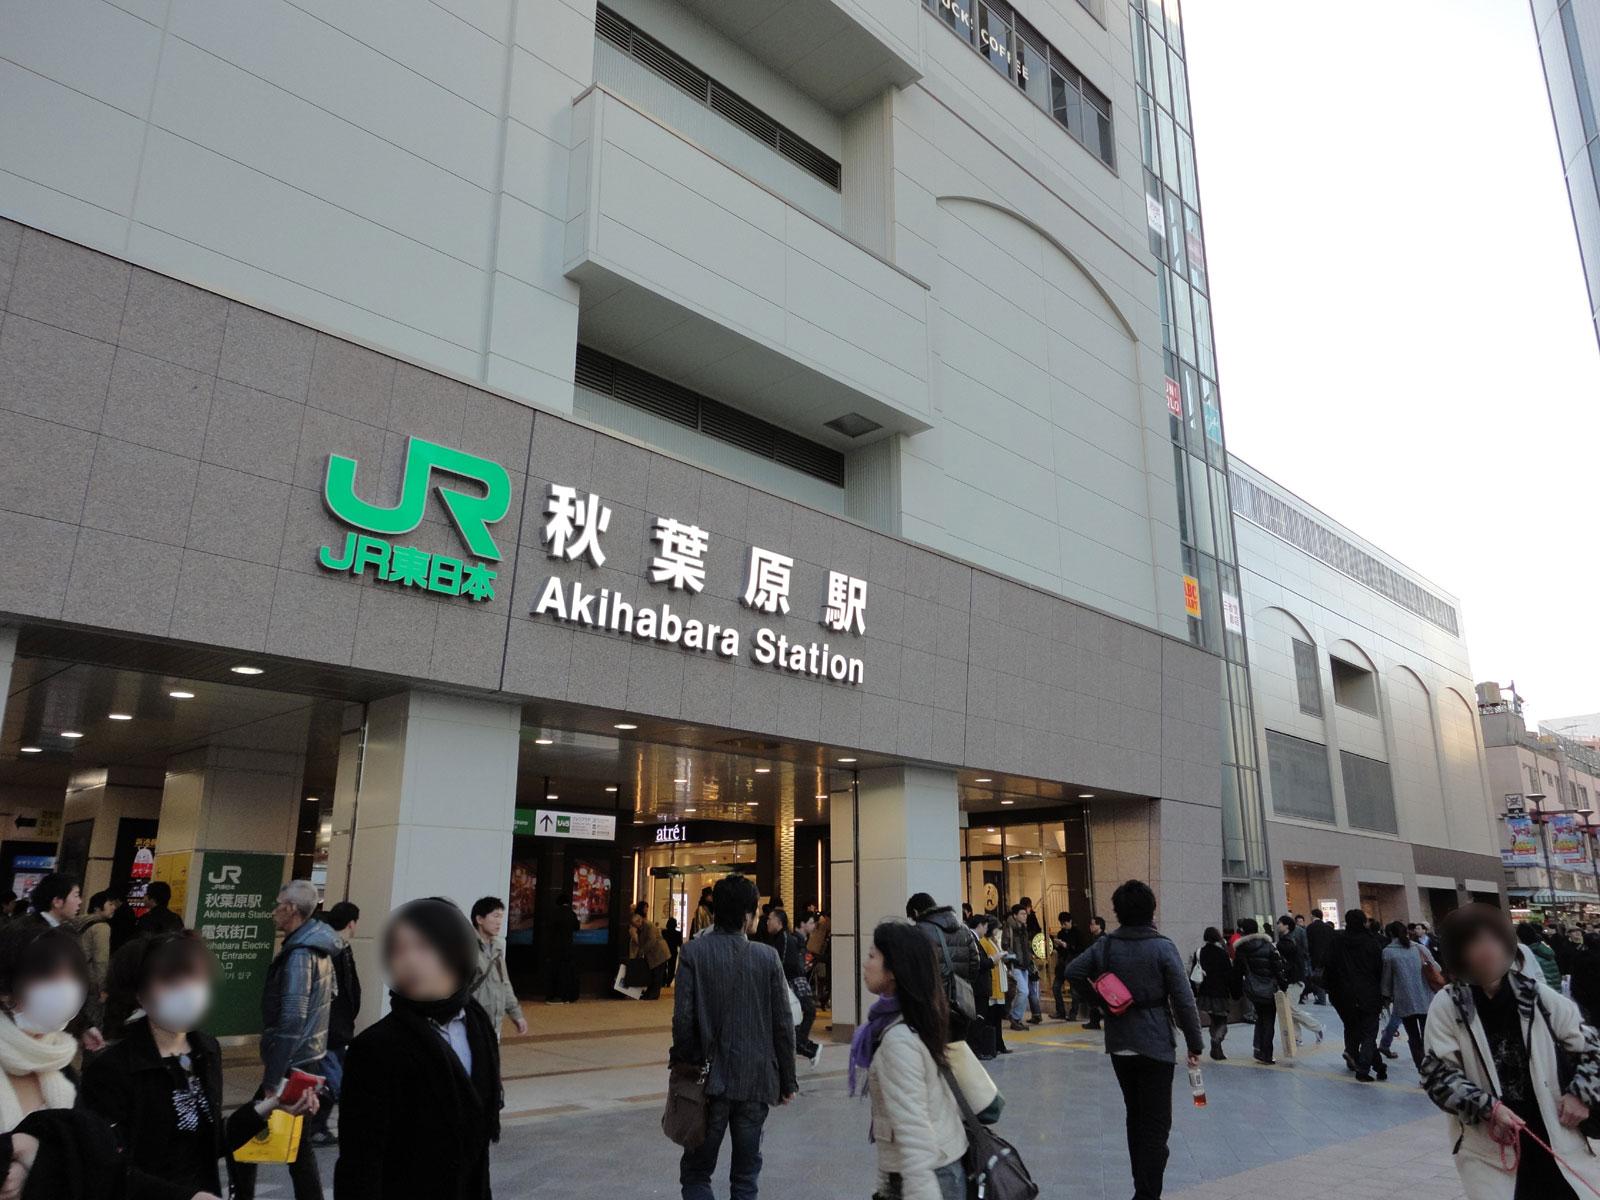 厳選!秋葉原周辺の激ウマ人気ラーメンを5店舗一挙ご紹介!のサムネイル画像